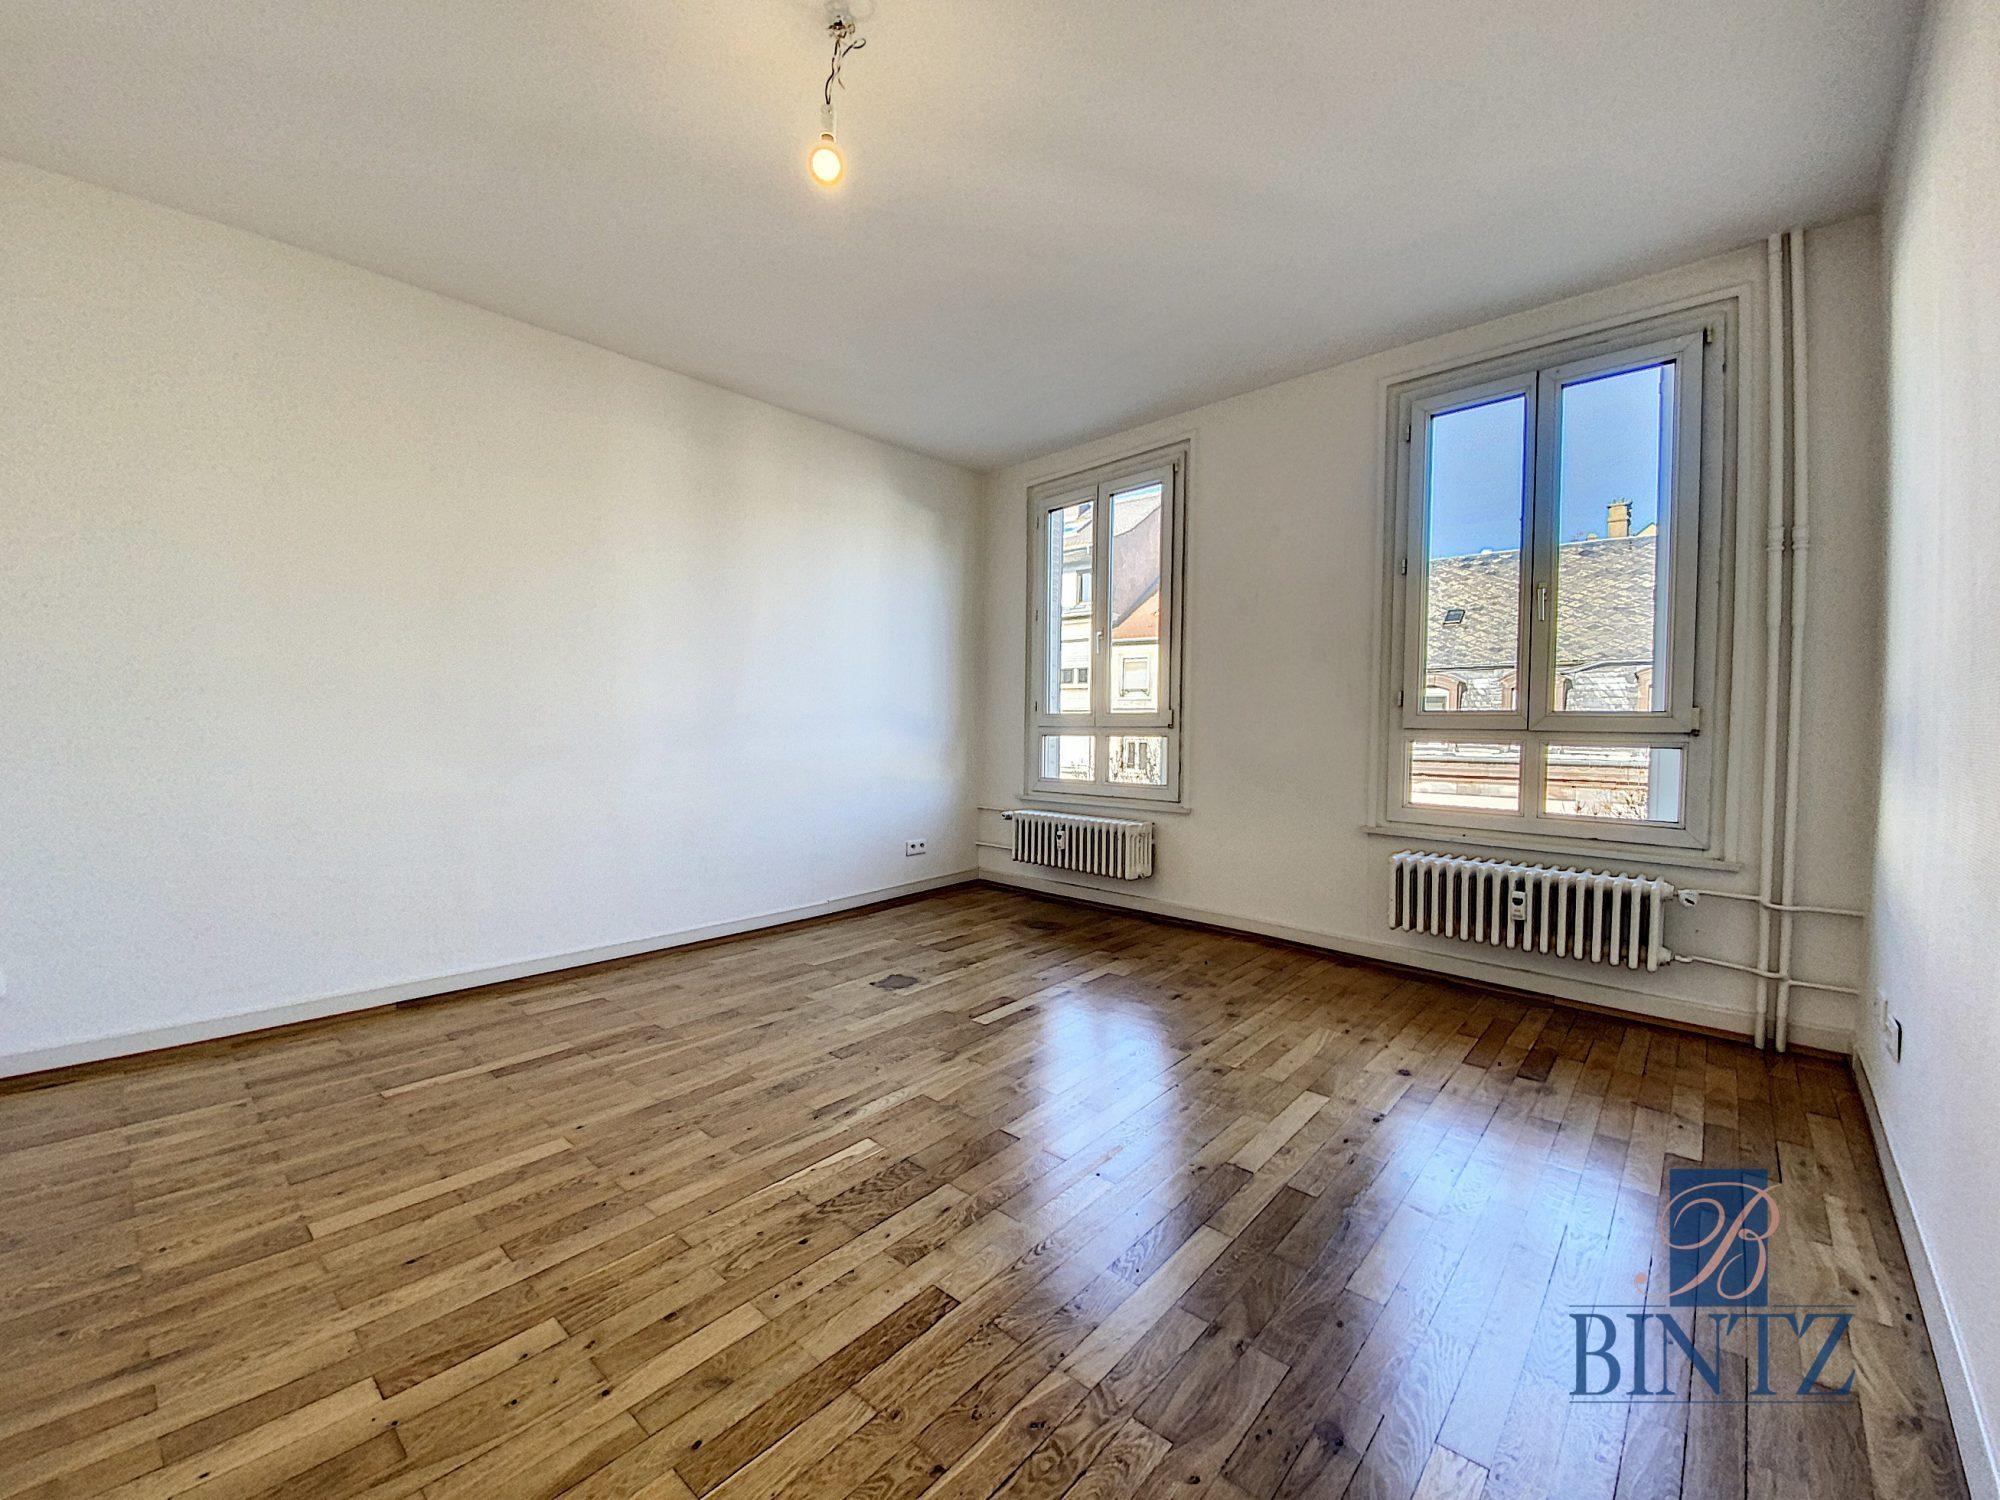 Grand 3 pièces HYPERCENTRE - Devenez locataire en toute sérénité - Bintz Immobilier - 7